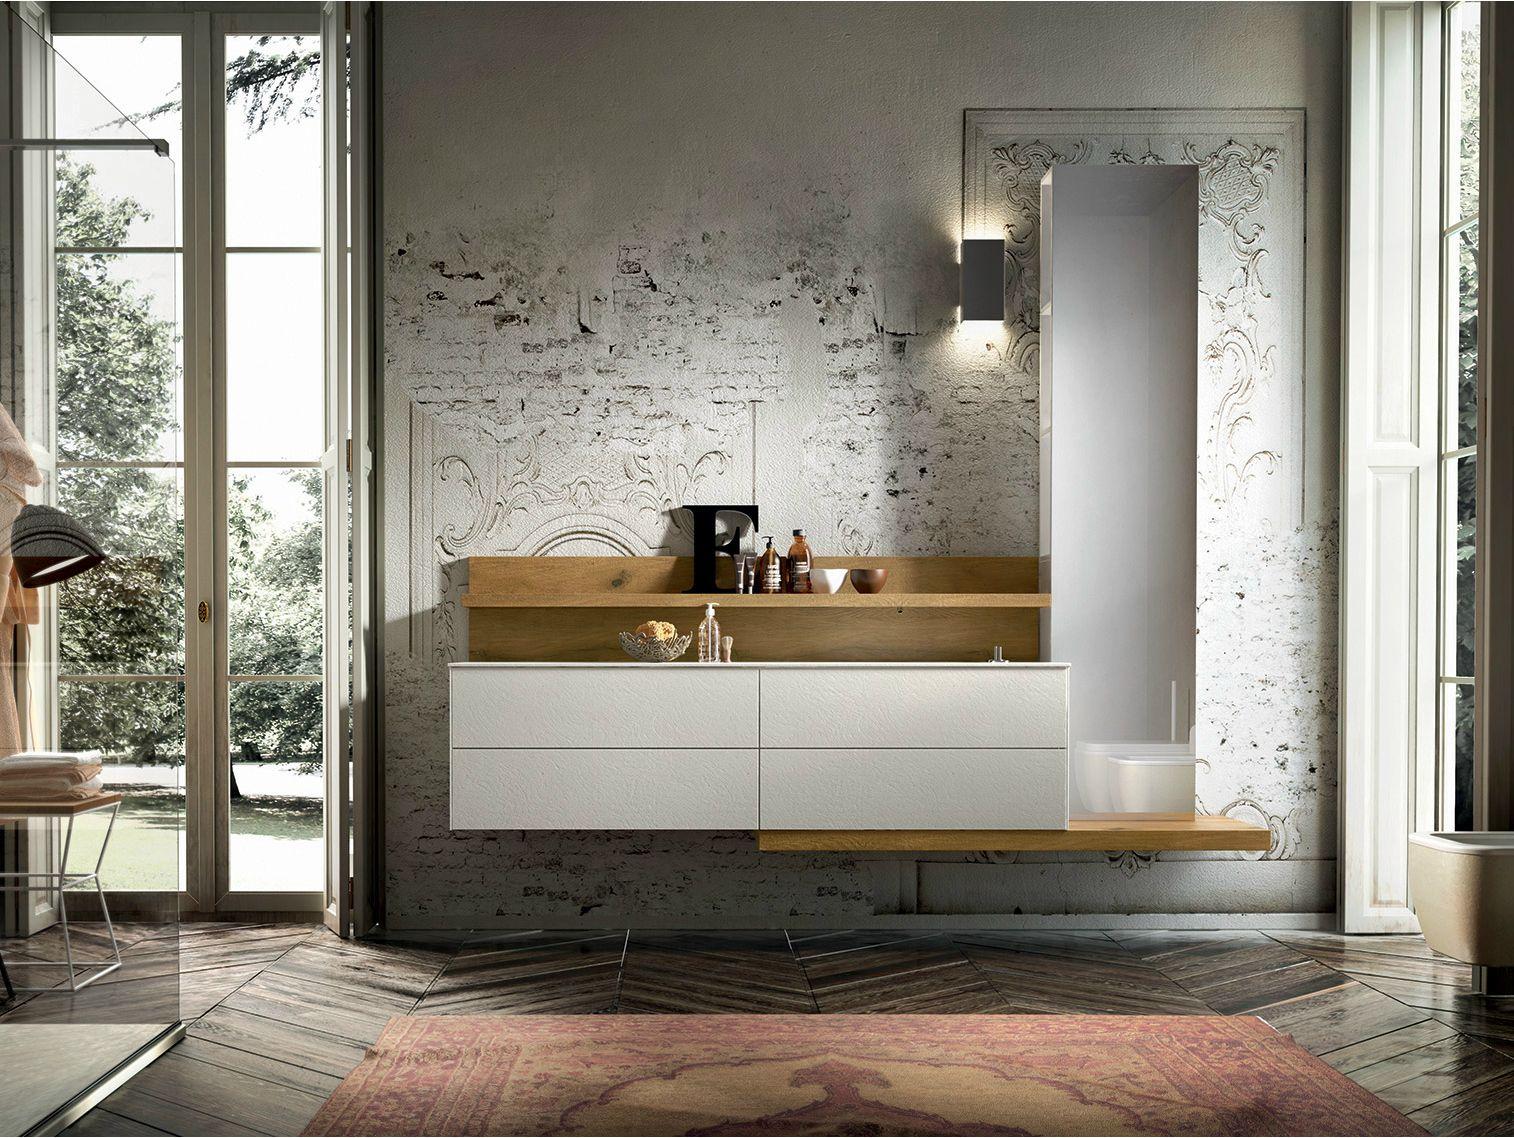 Mobile lavabo sospeso con specchio enea 315 by edon by agor group - Agora mobili bagno ...